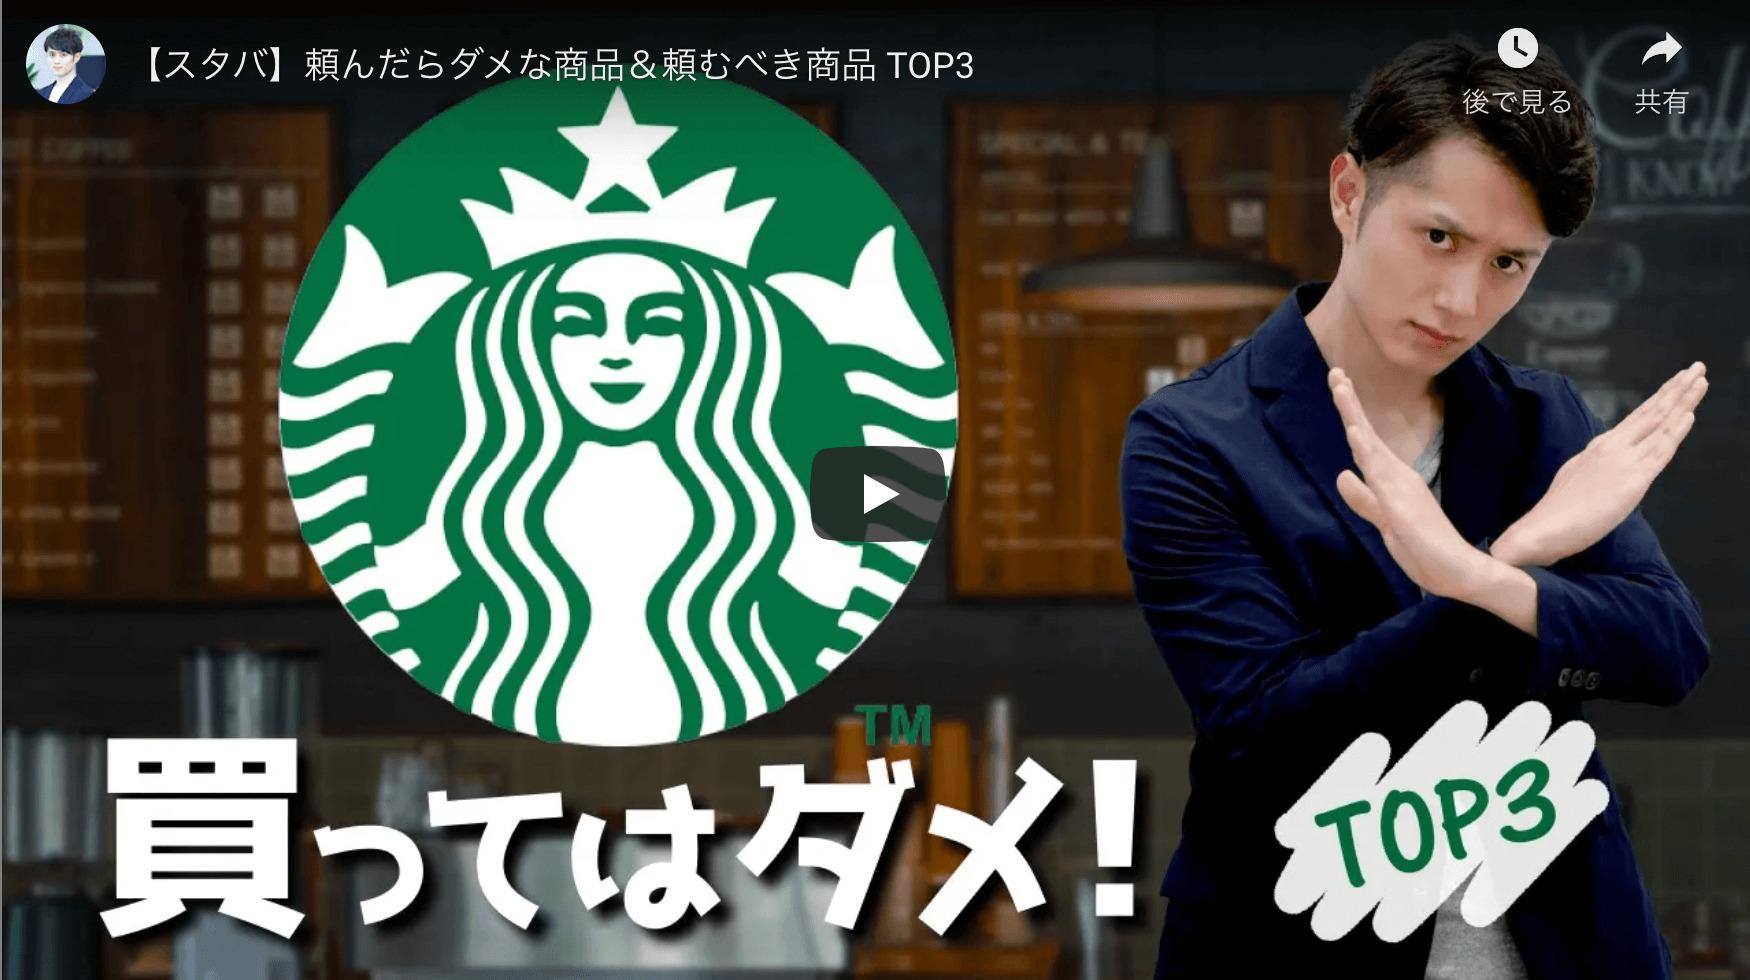 マコなり社長の『【スタバ】頼んだらダメな商品&頼むべき商品 TOP3 』を公開